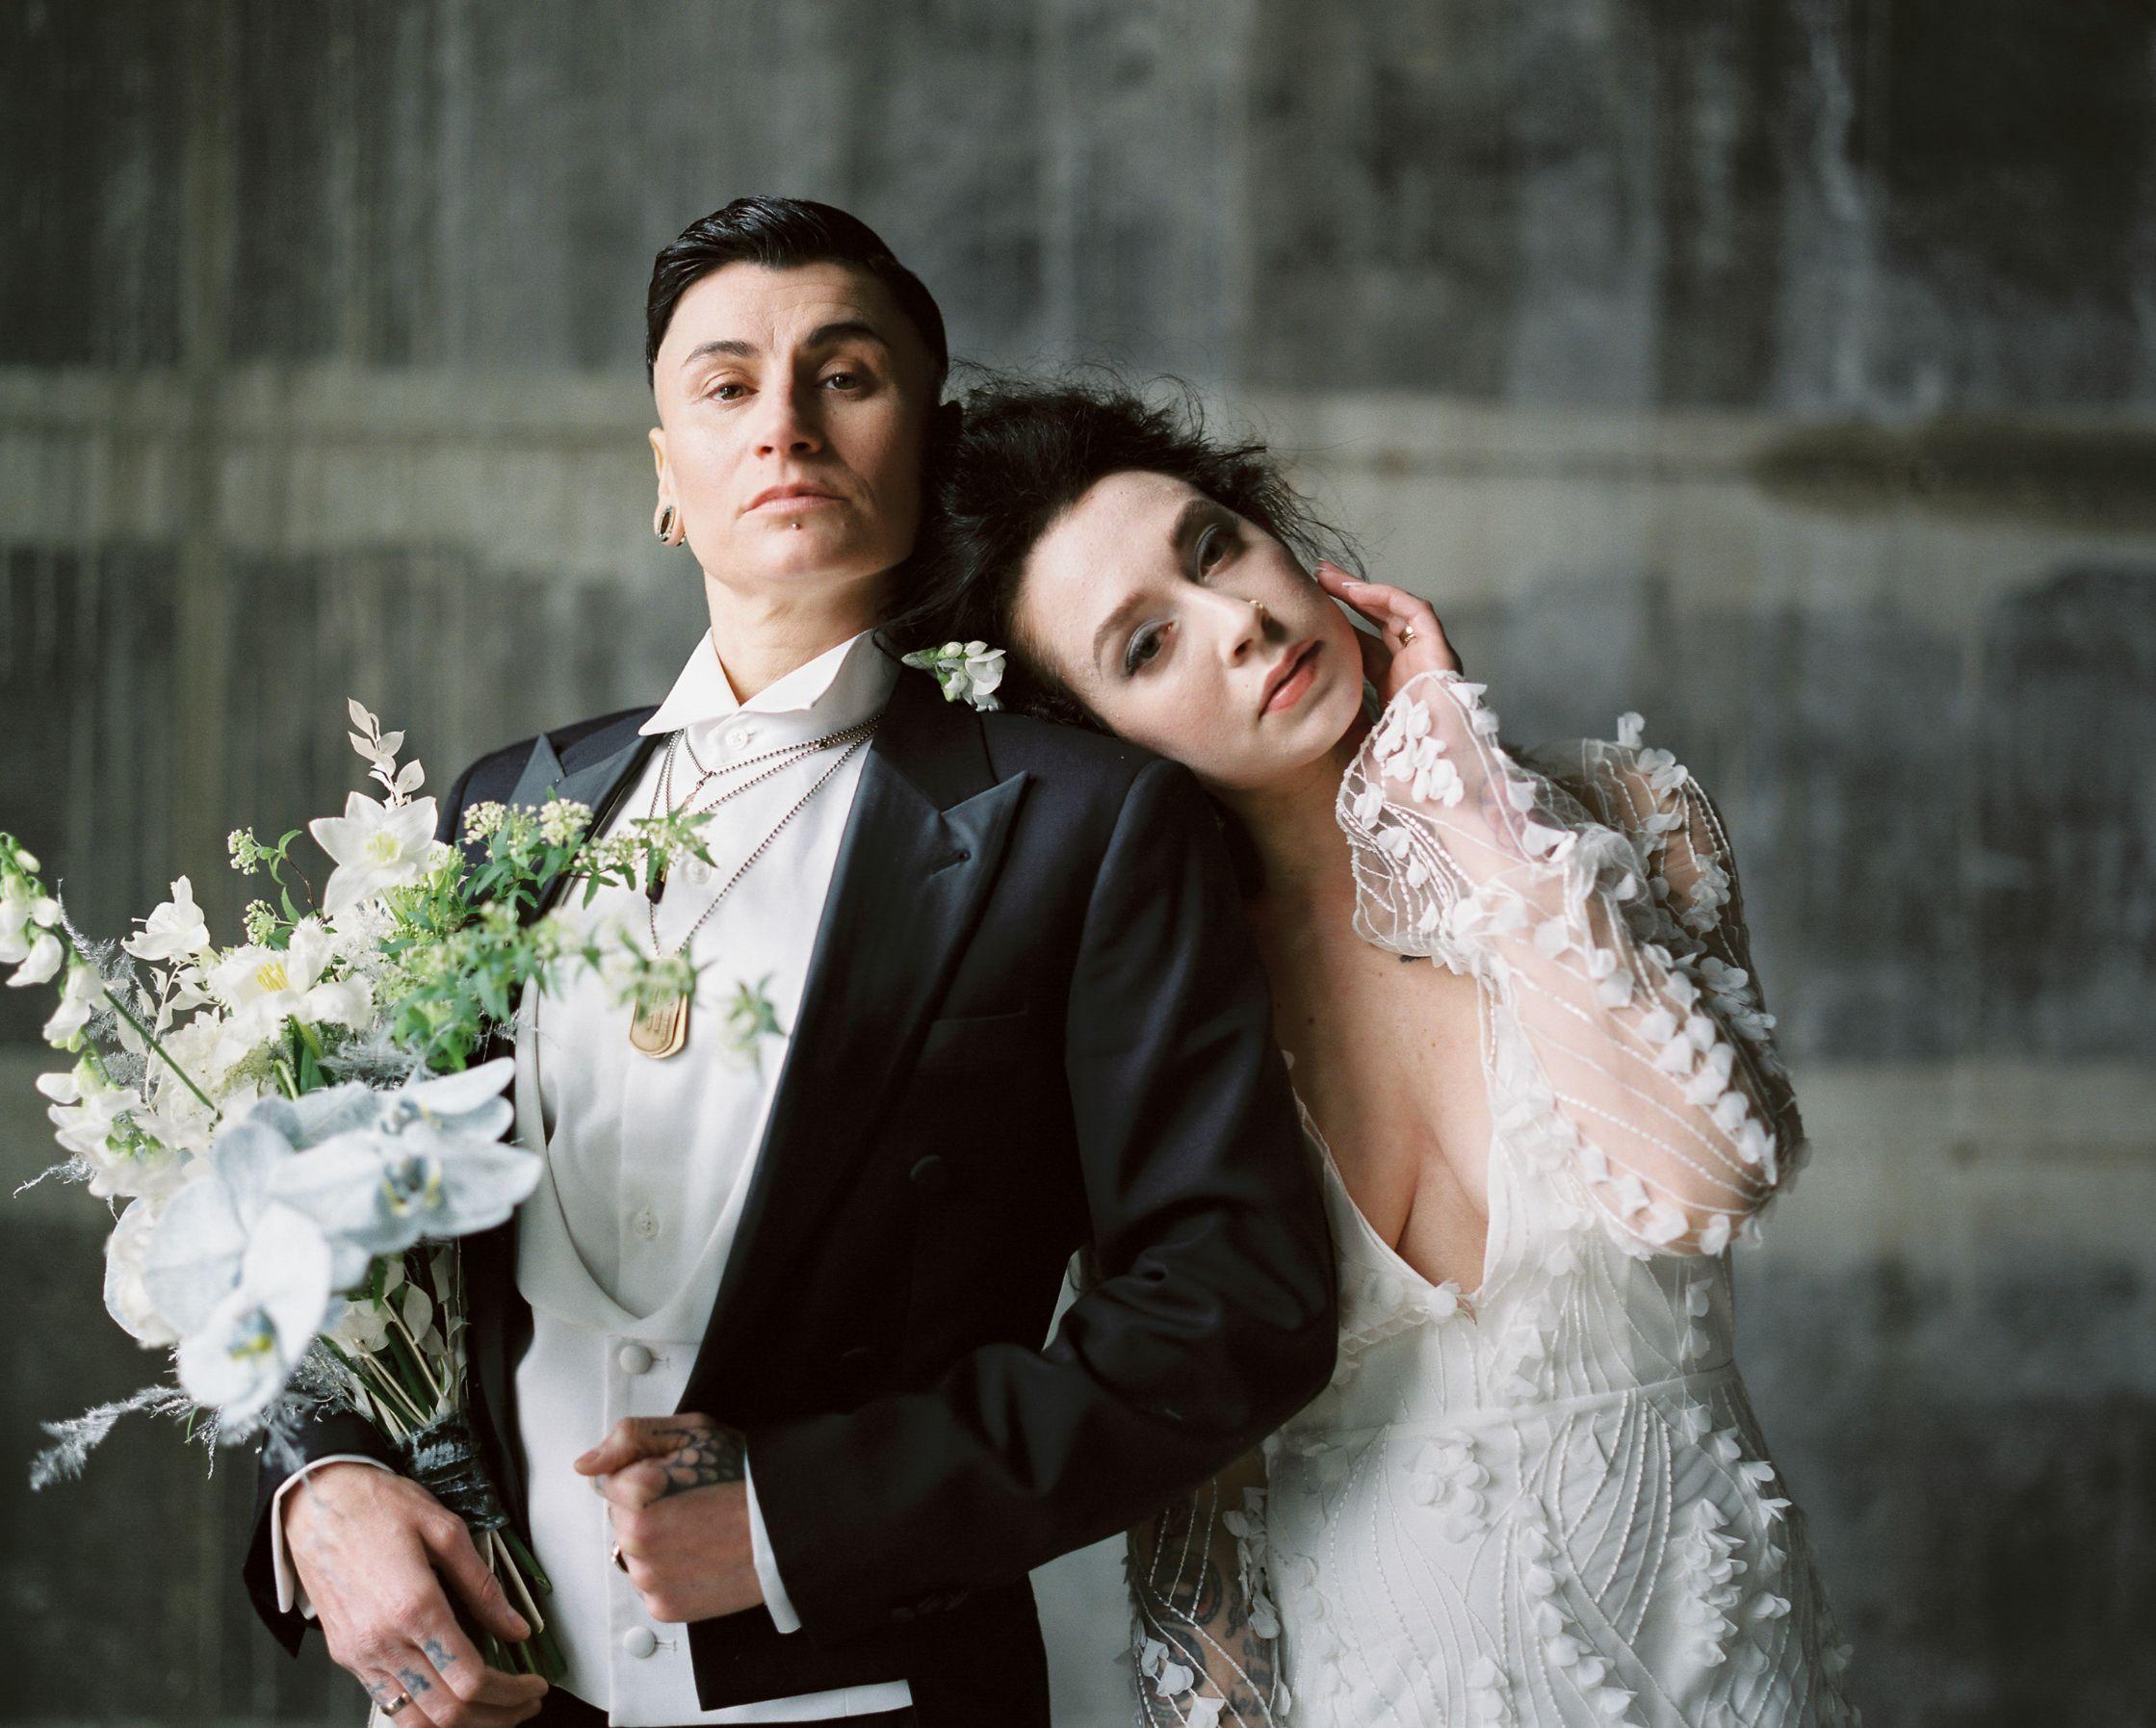 olio-peabody-boston-lesbian-wedding-style-daylynn-designs18 2.jpg